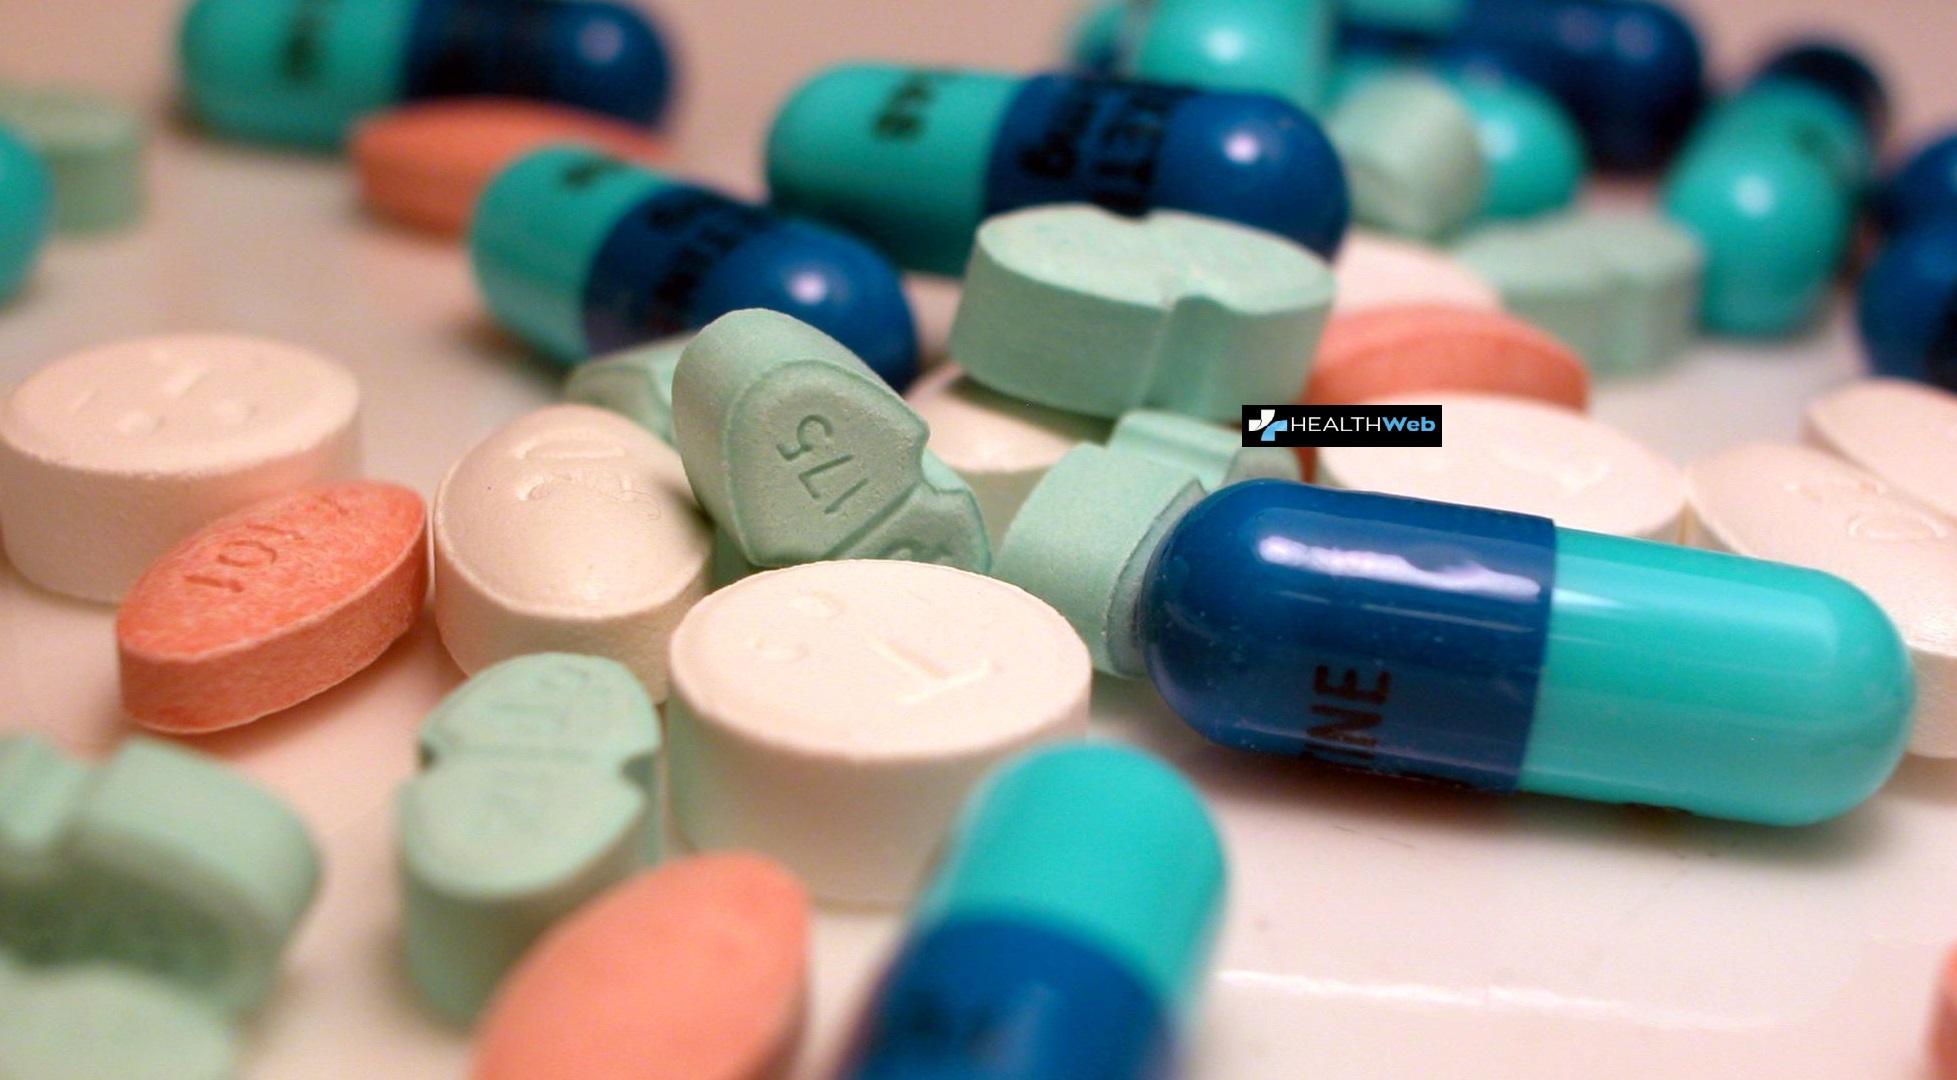 Ολοκληρώθηκε η διαπραγμάτευση για τα φάρμακα της Ηπατίτιδας C